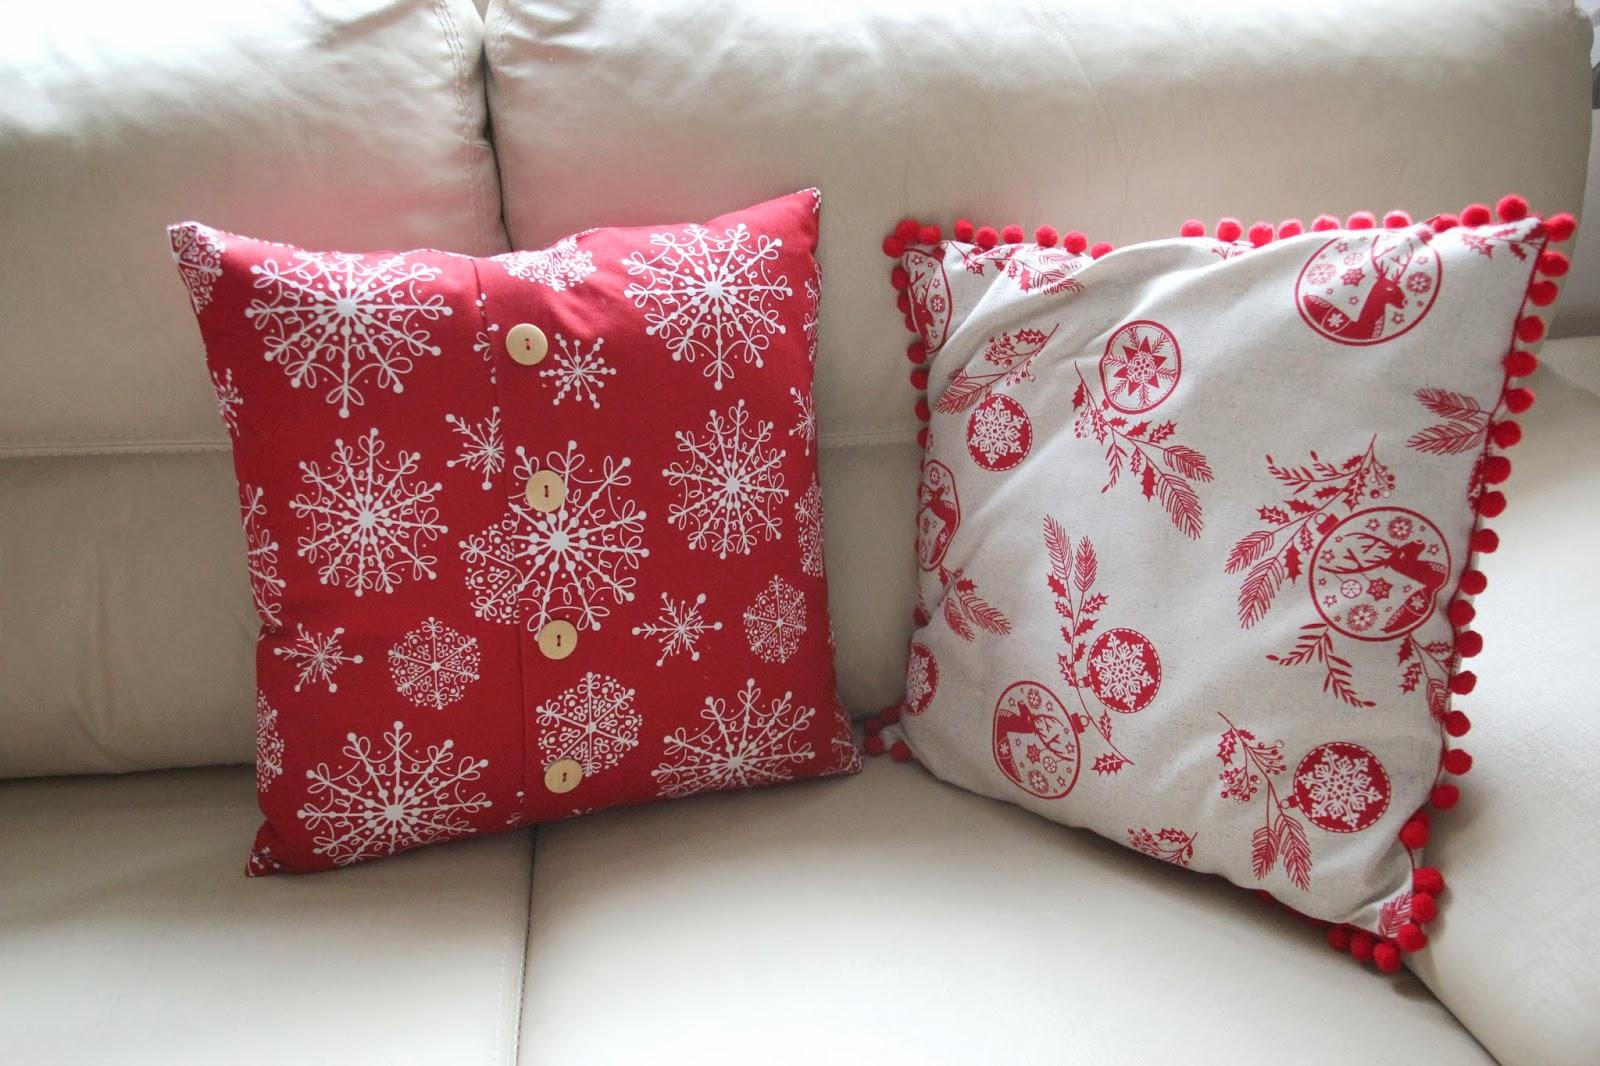 DIY Navidad: Cómo hacer cojines para decorar tu casa en Navidad